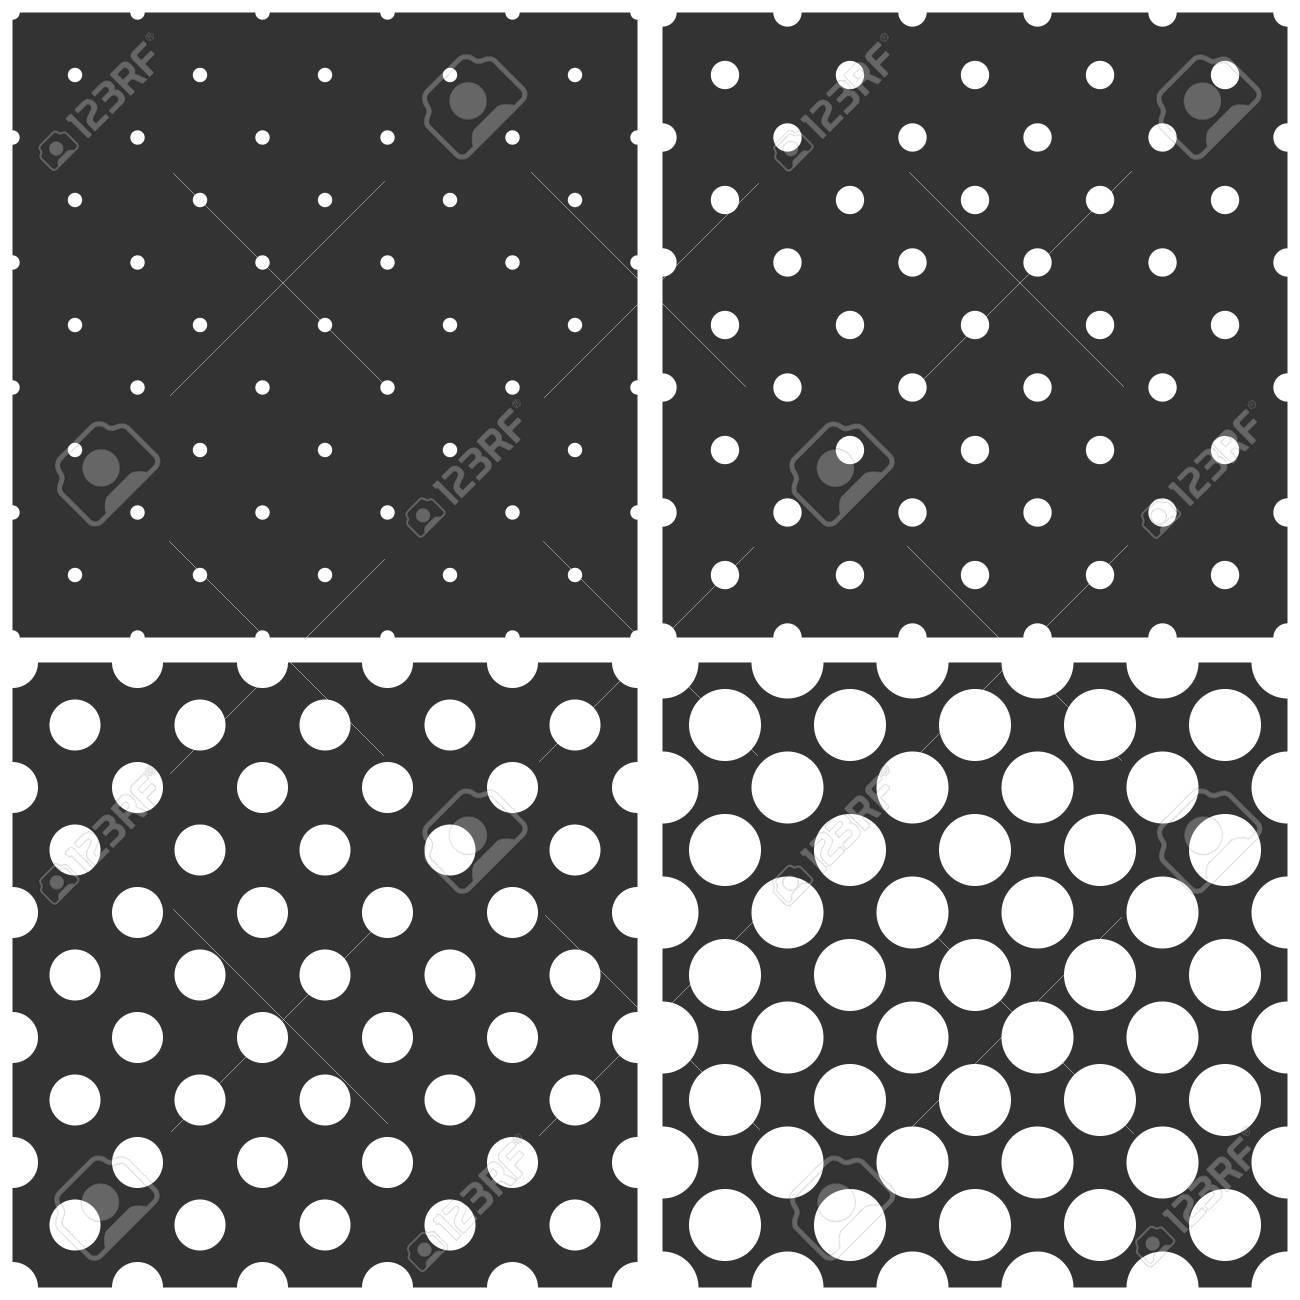 黒 白 灰色のシームレス パターンや大小の水玉模様の背景 デスクトップ壁紙と Web サイト デザイン のイラスト素材 ベクタ Image